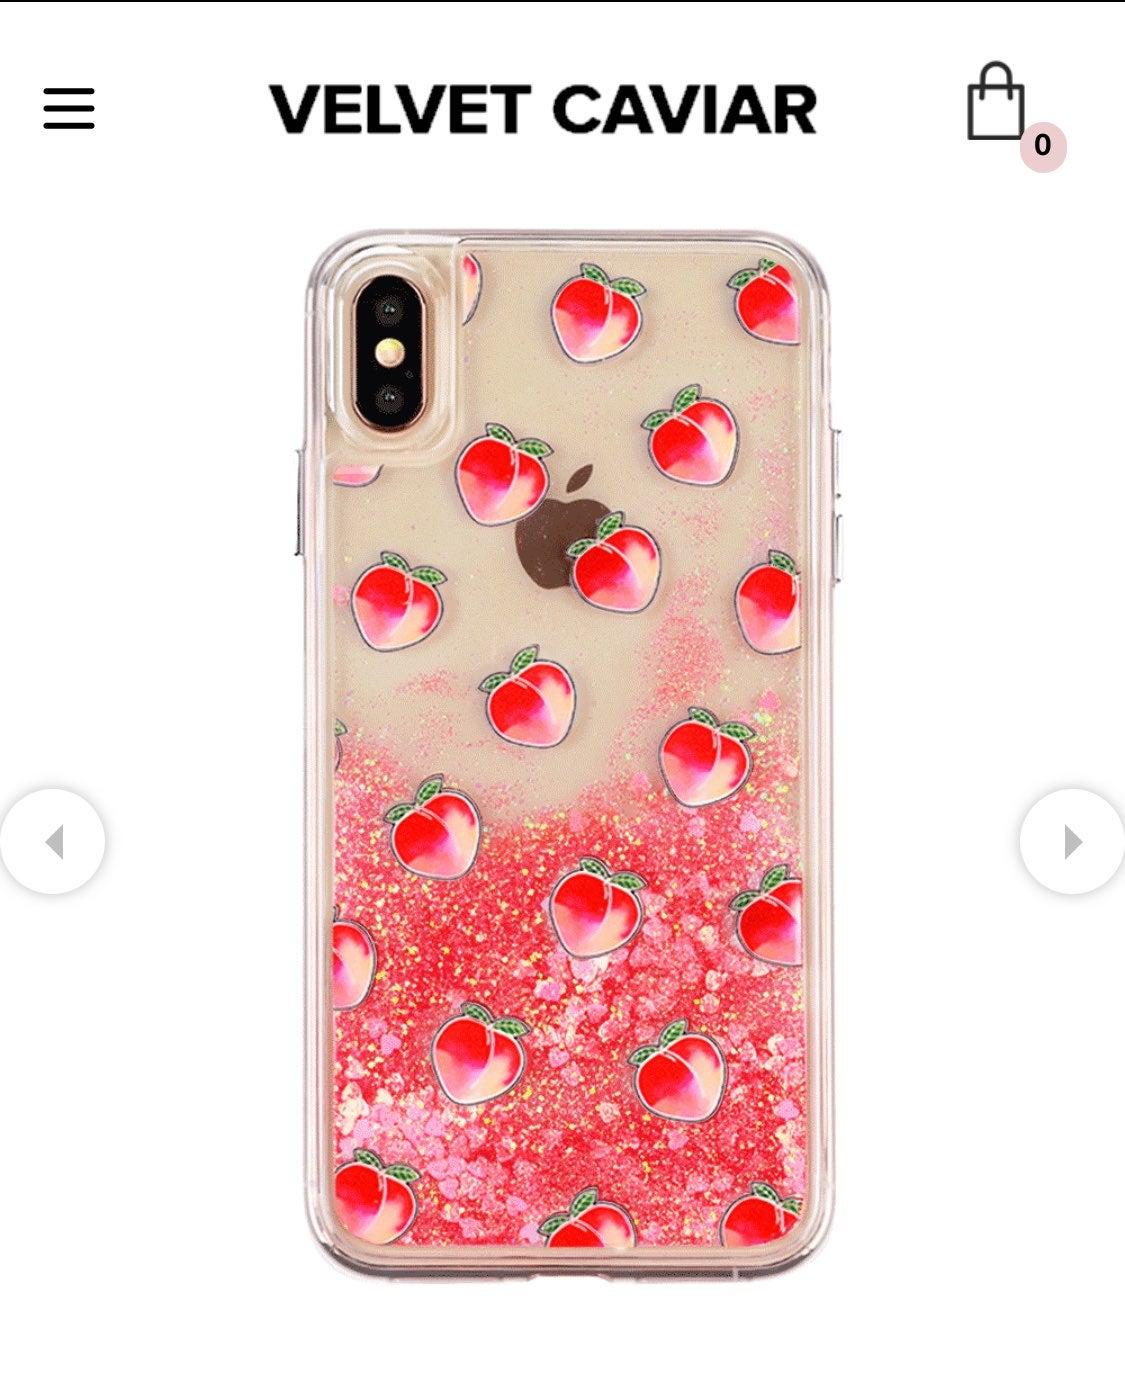 Iphone x phone case glitter